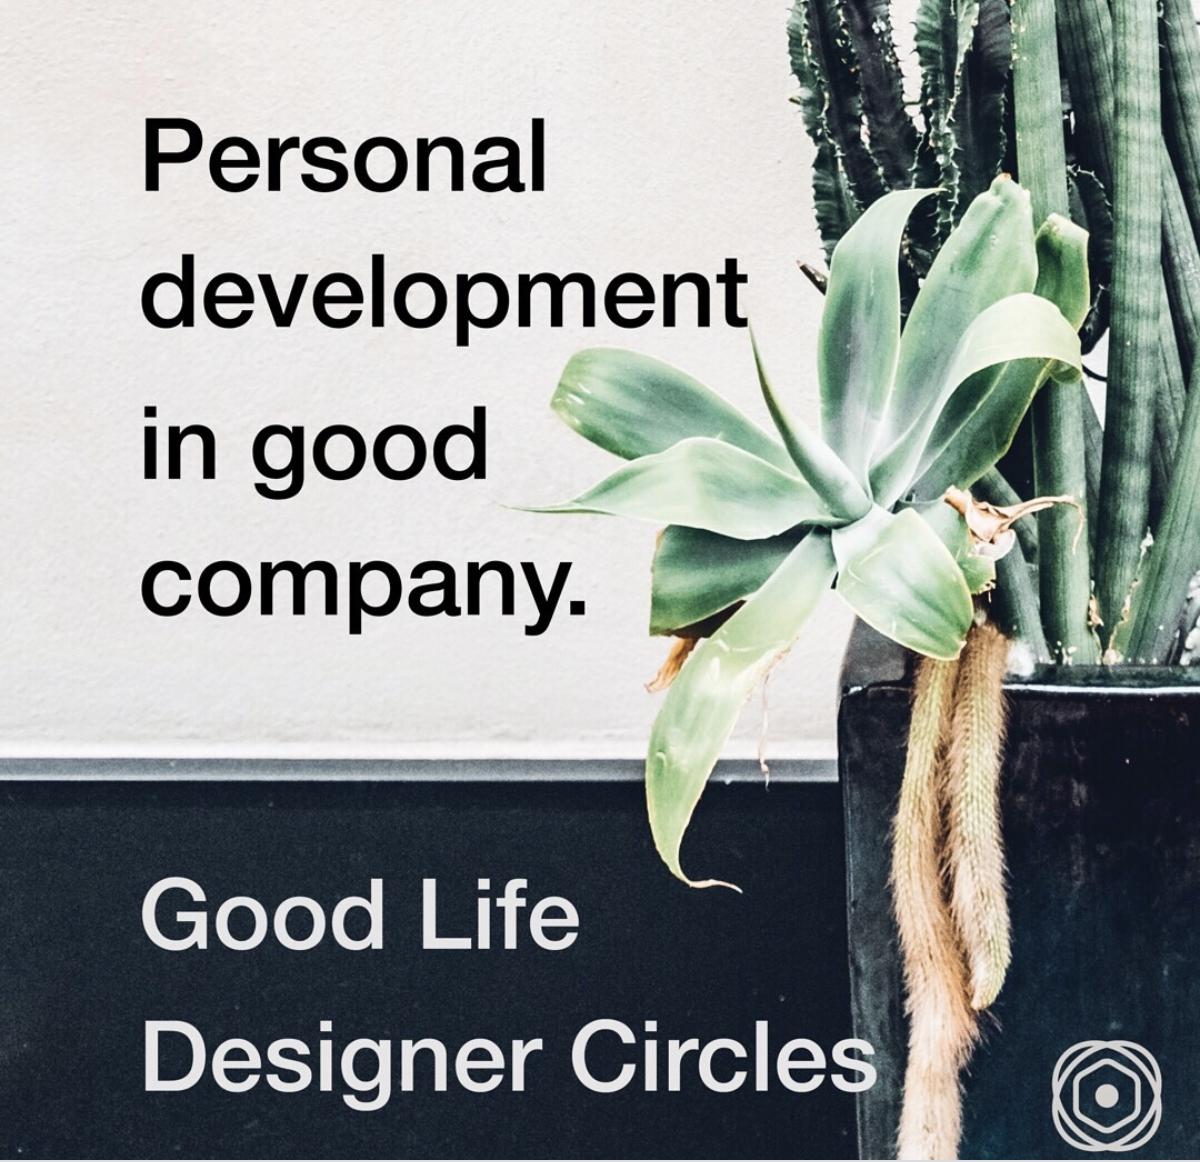 Designer Circles